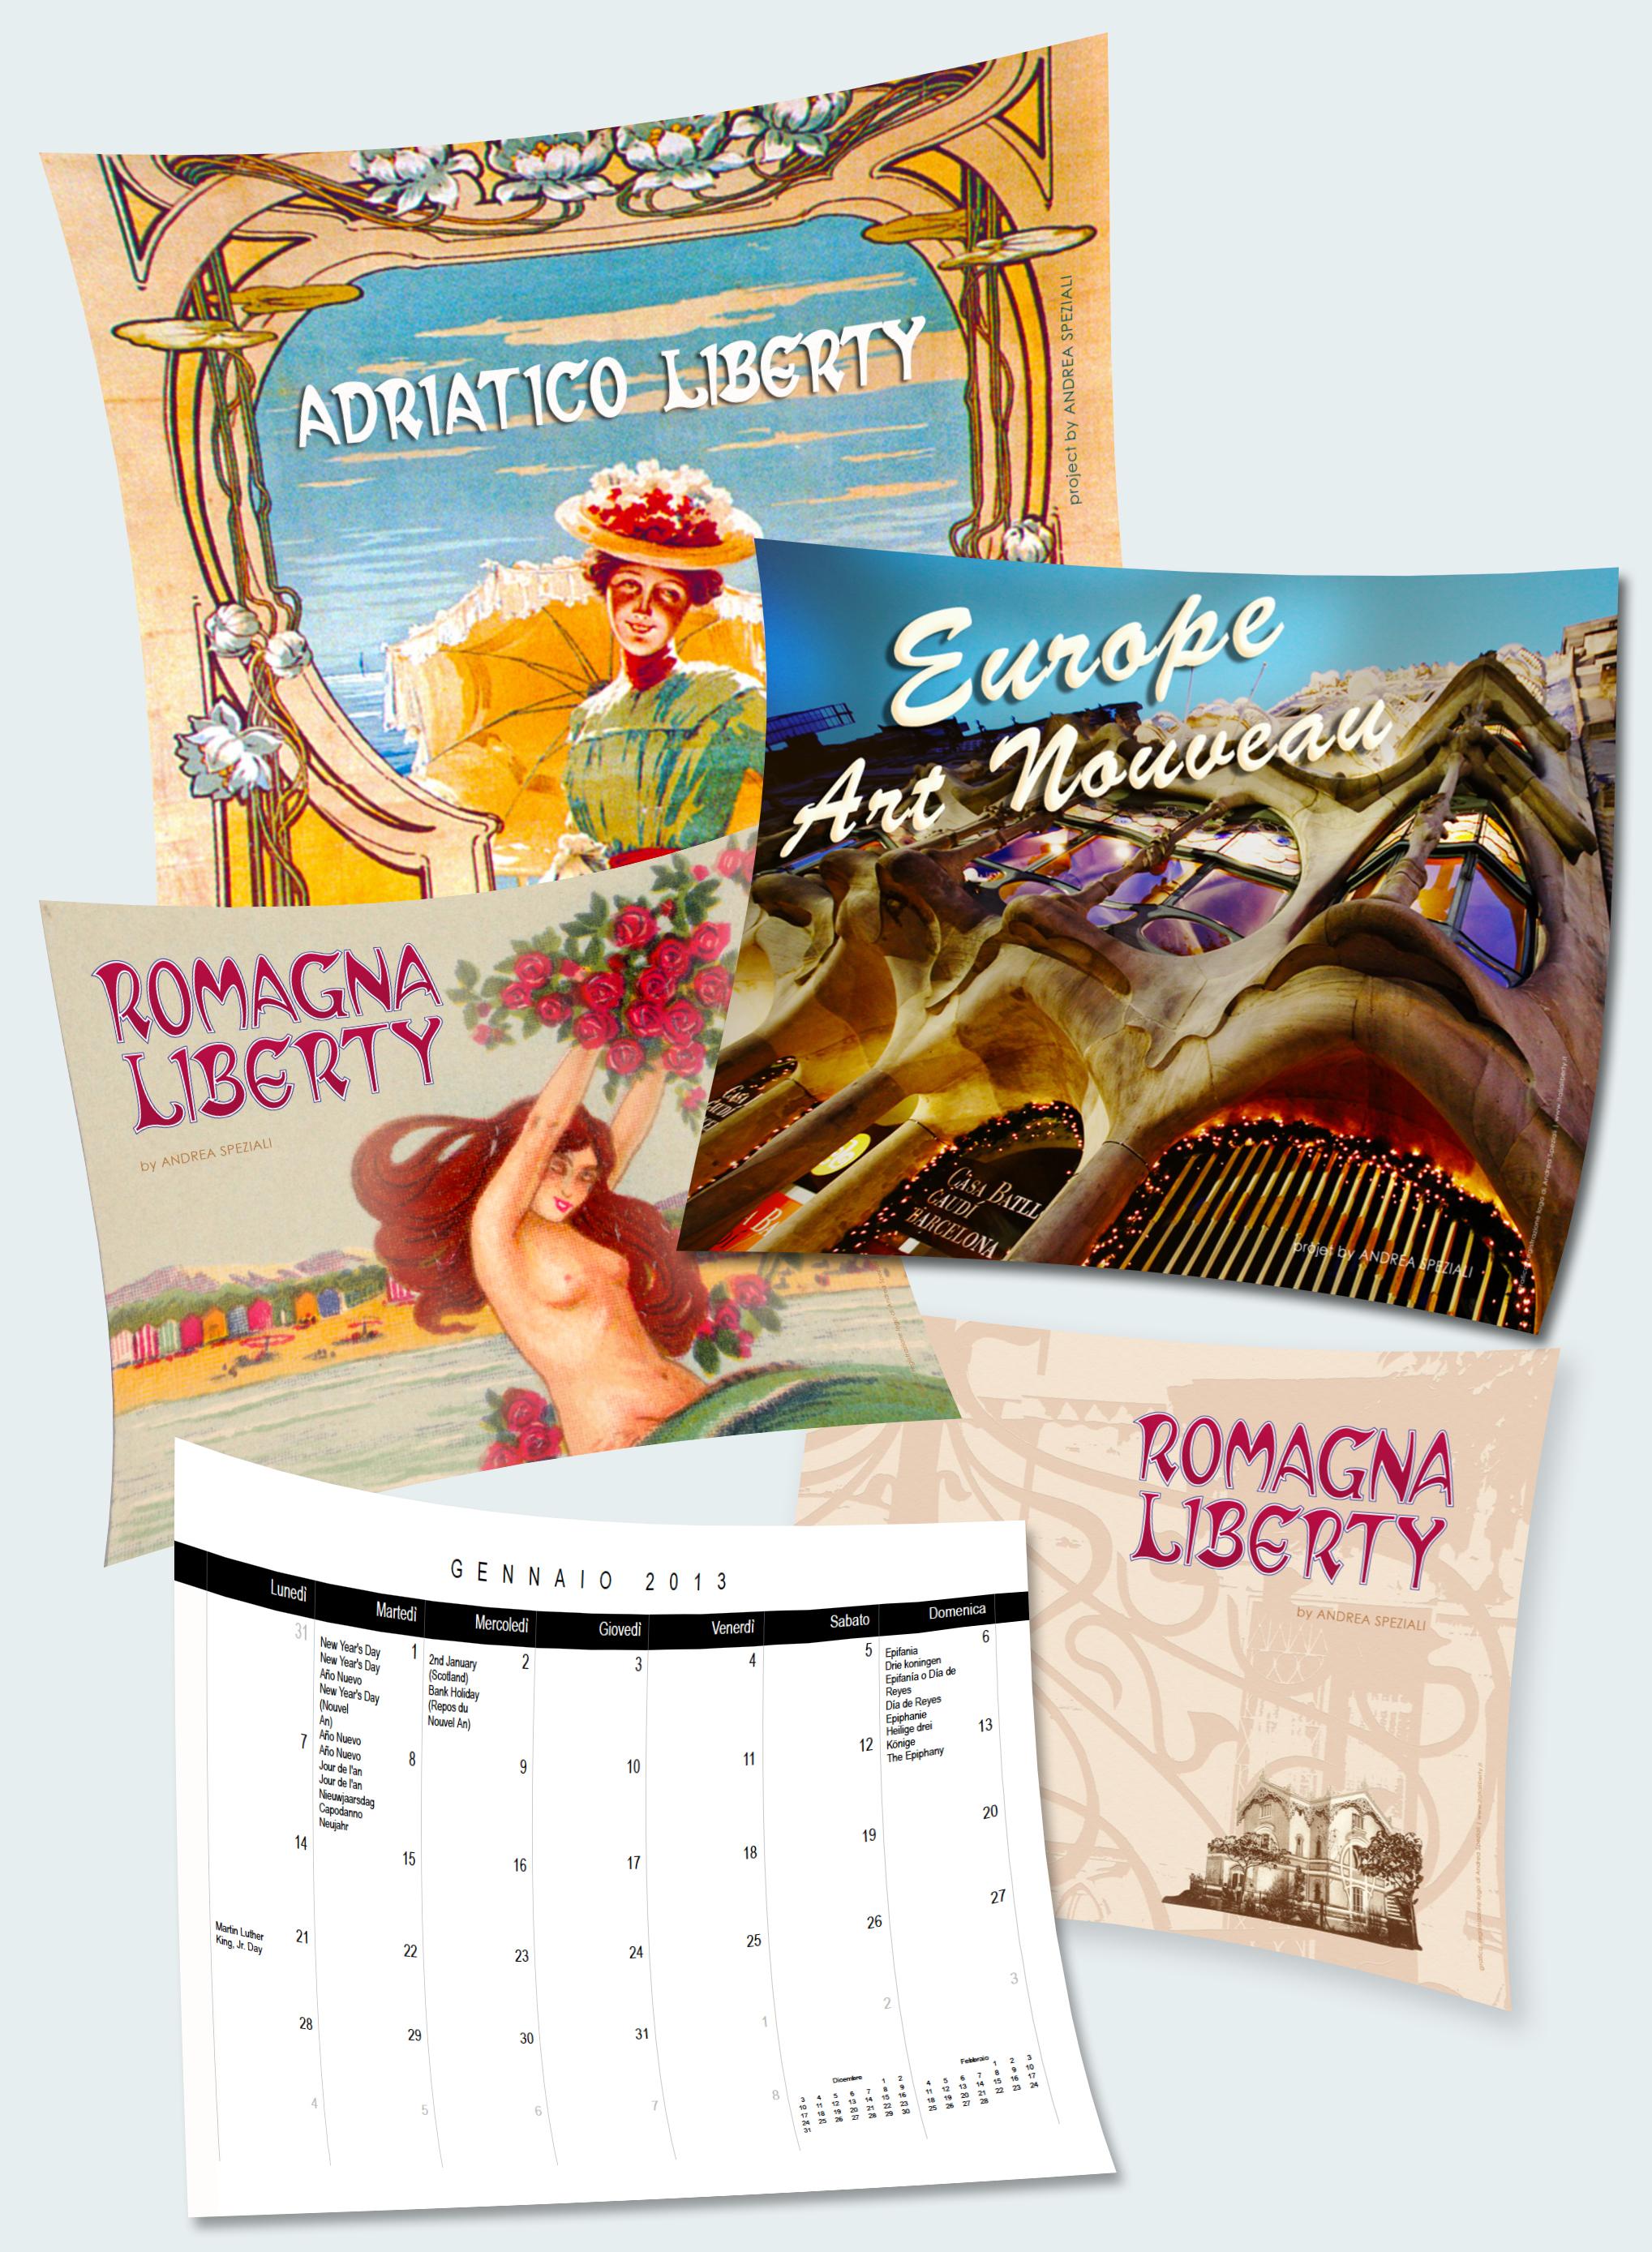 Ecco i calendari per l'anno 2013